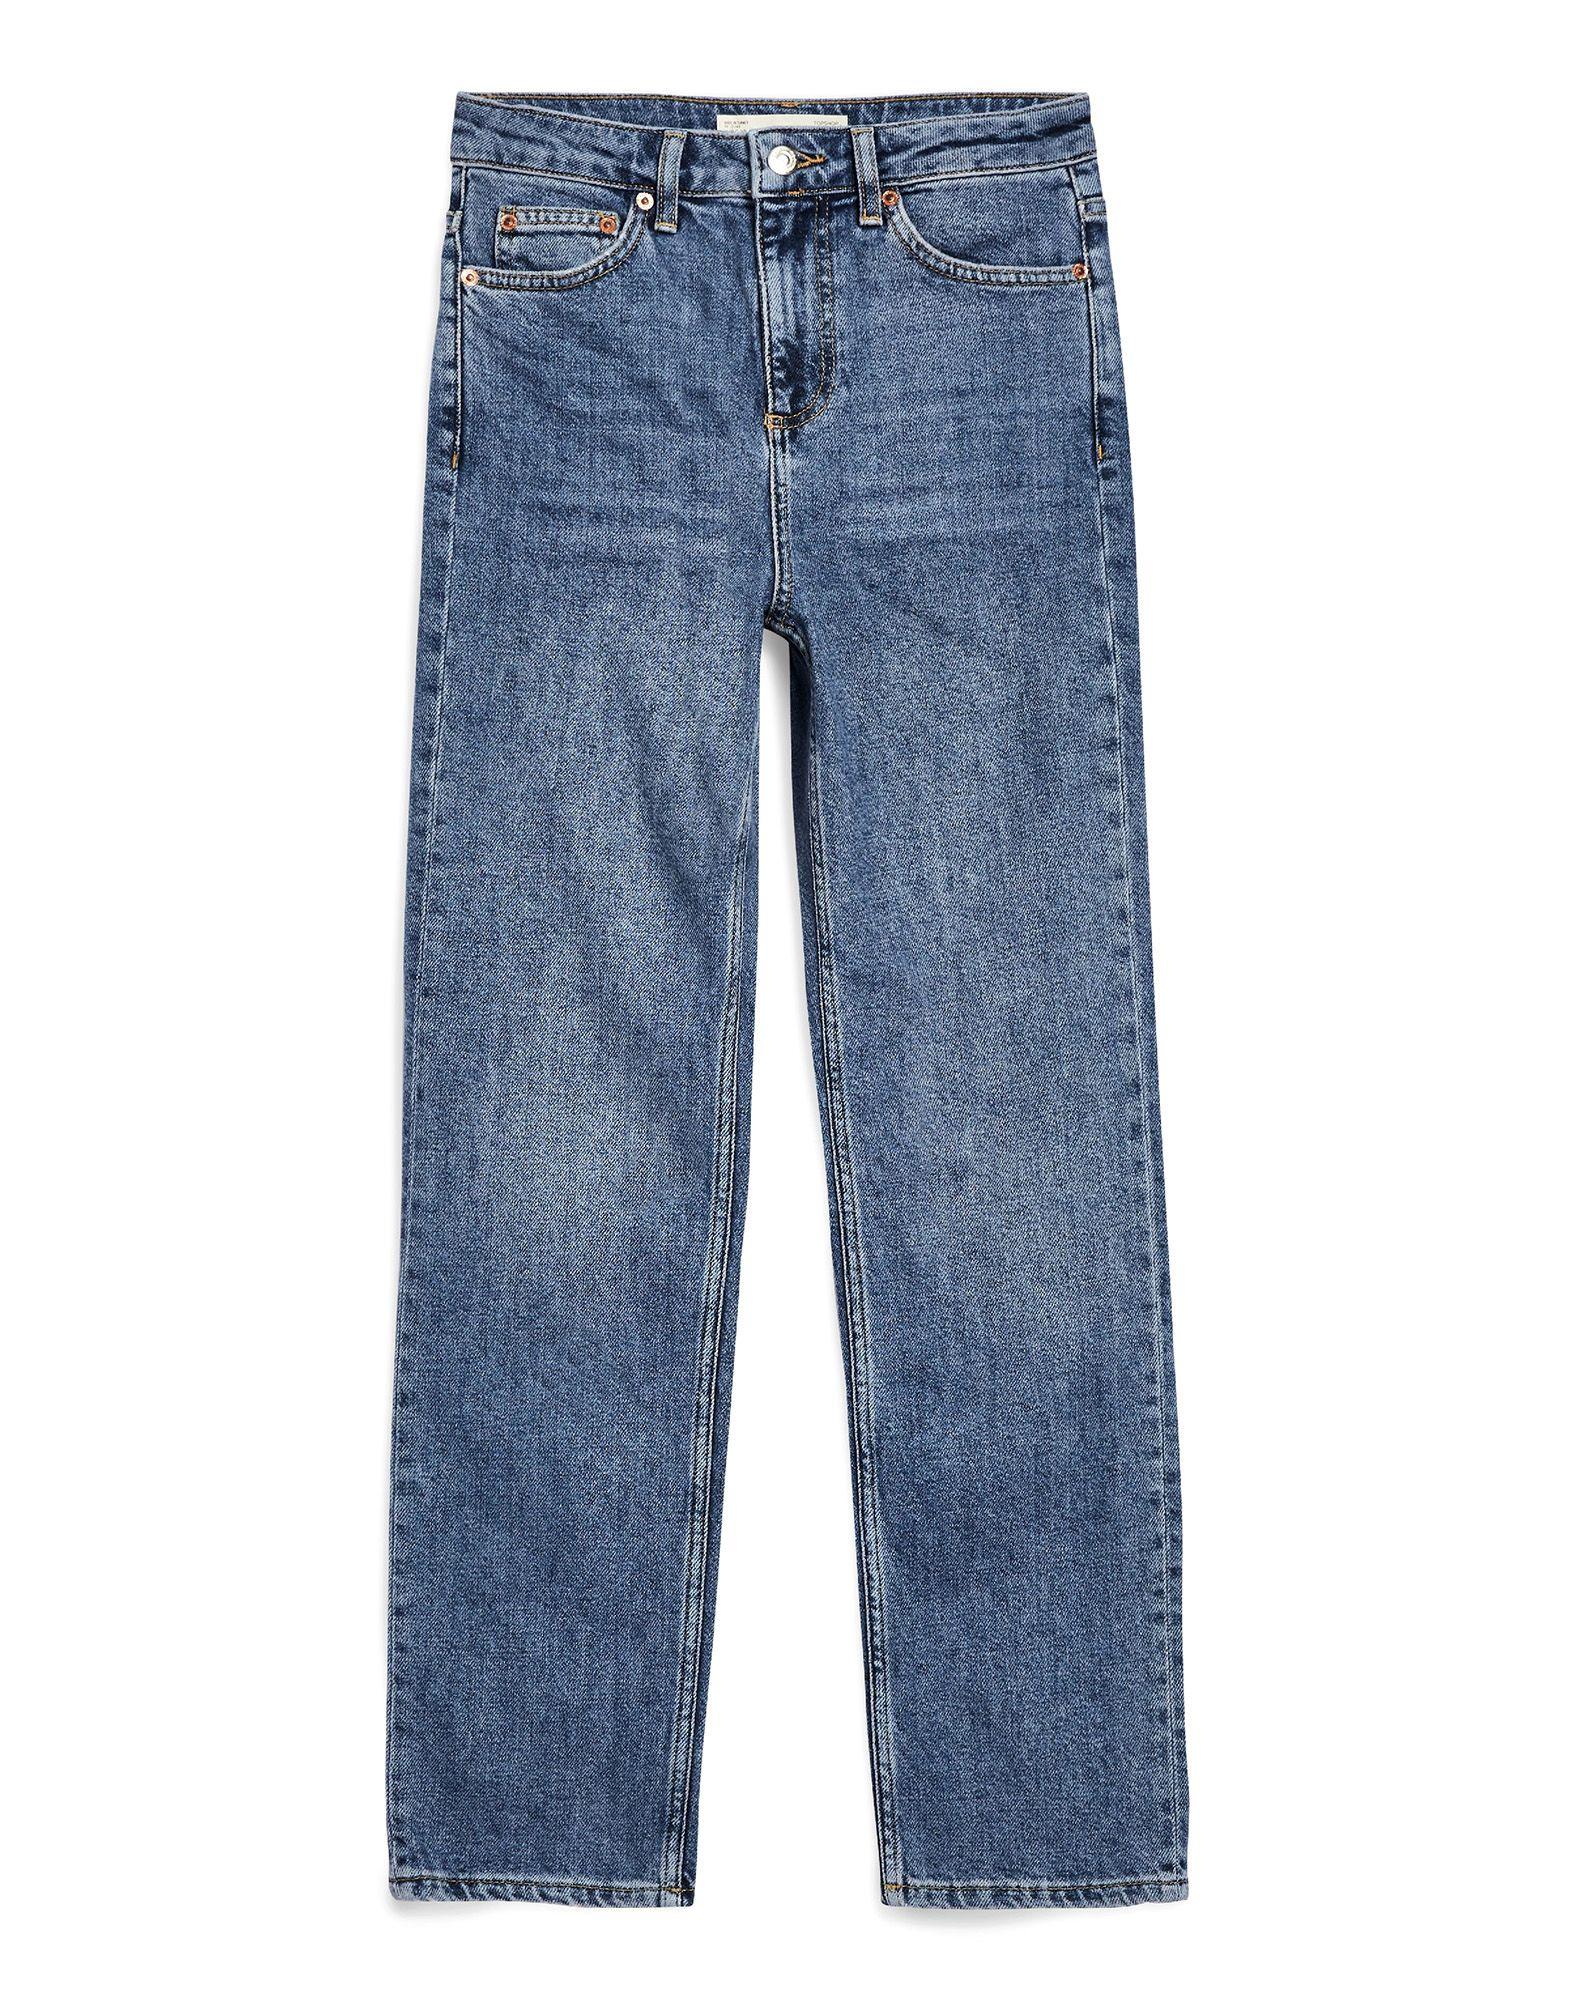 《セール開催中》TOPSHOP レディース デニムカプリパンツ ブルー 25W-30L コットン 99% / ポリウレタン 1% MID BLUE STRAIGHT LEG JEANS